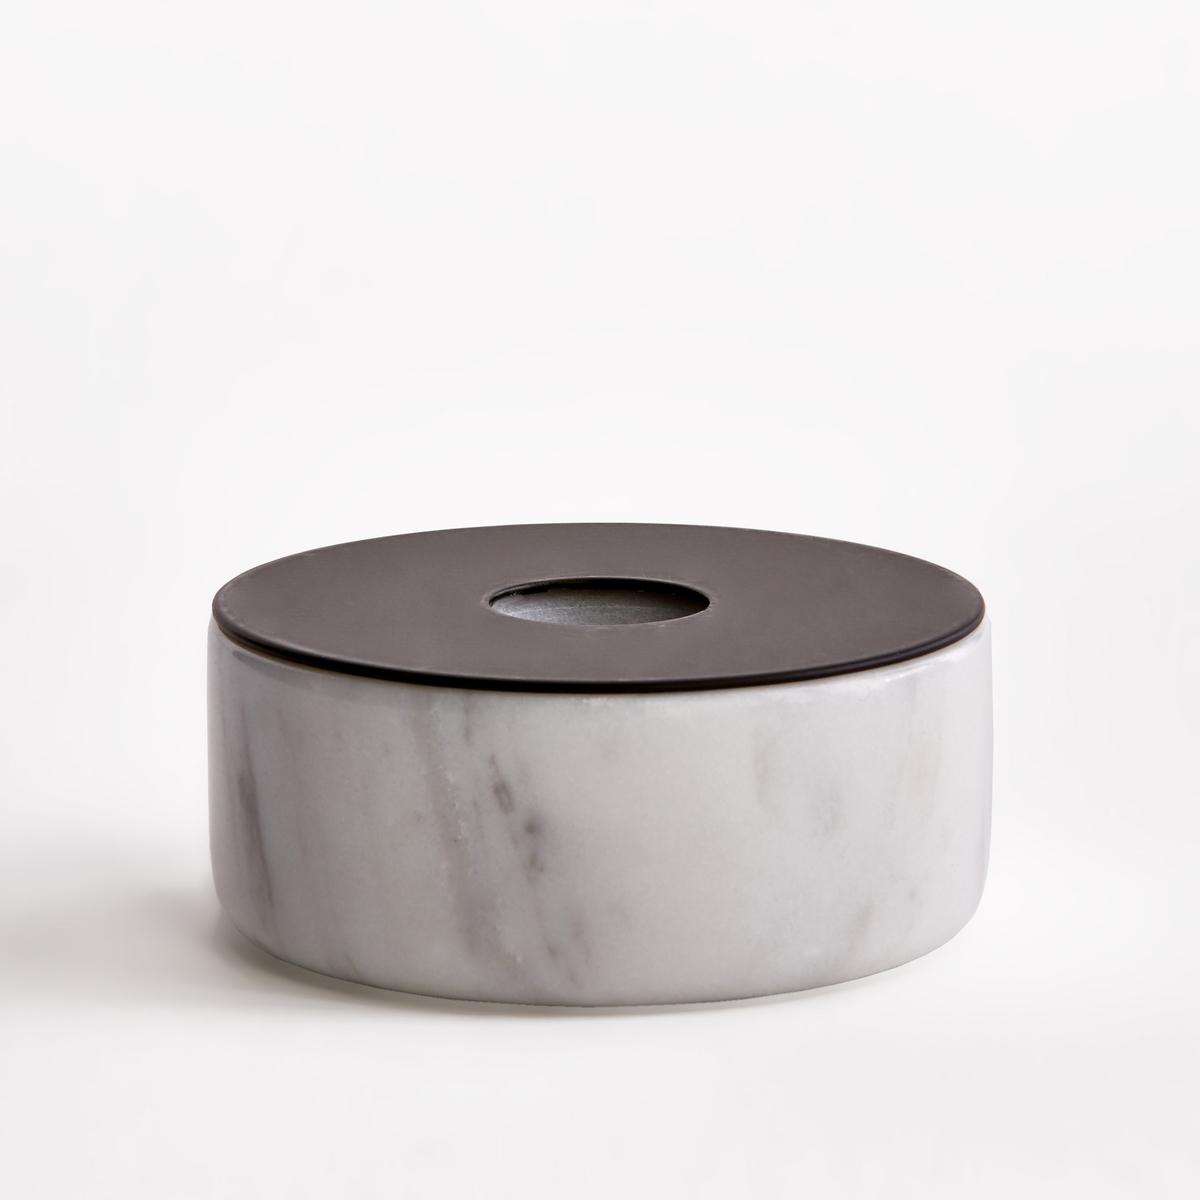 Подсвечник мраморный, размер 1, В.3,5 см, Malerba декоративные свечи ганг подсвечник imagine 8х8х20 см